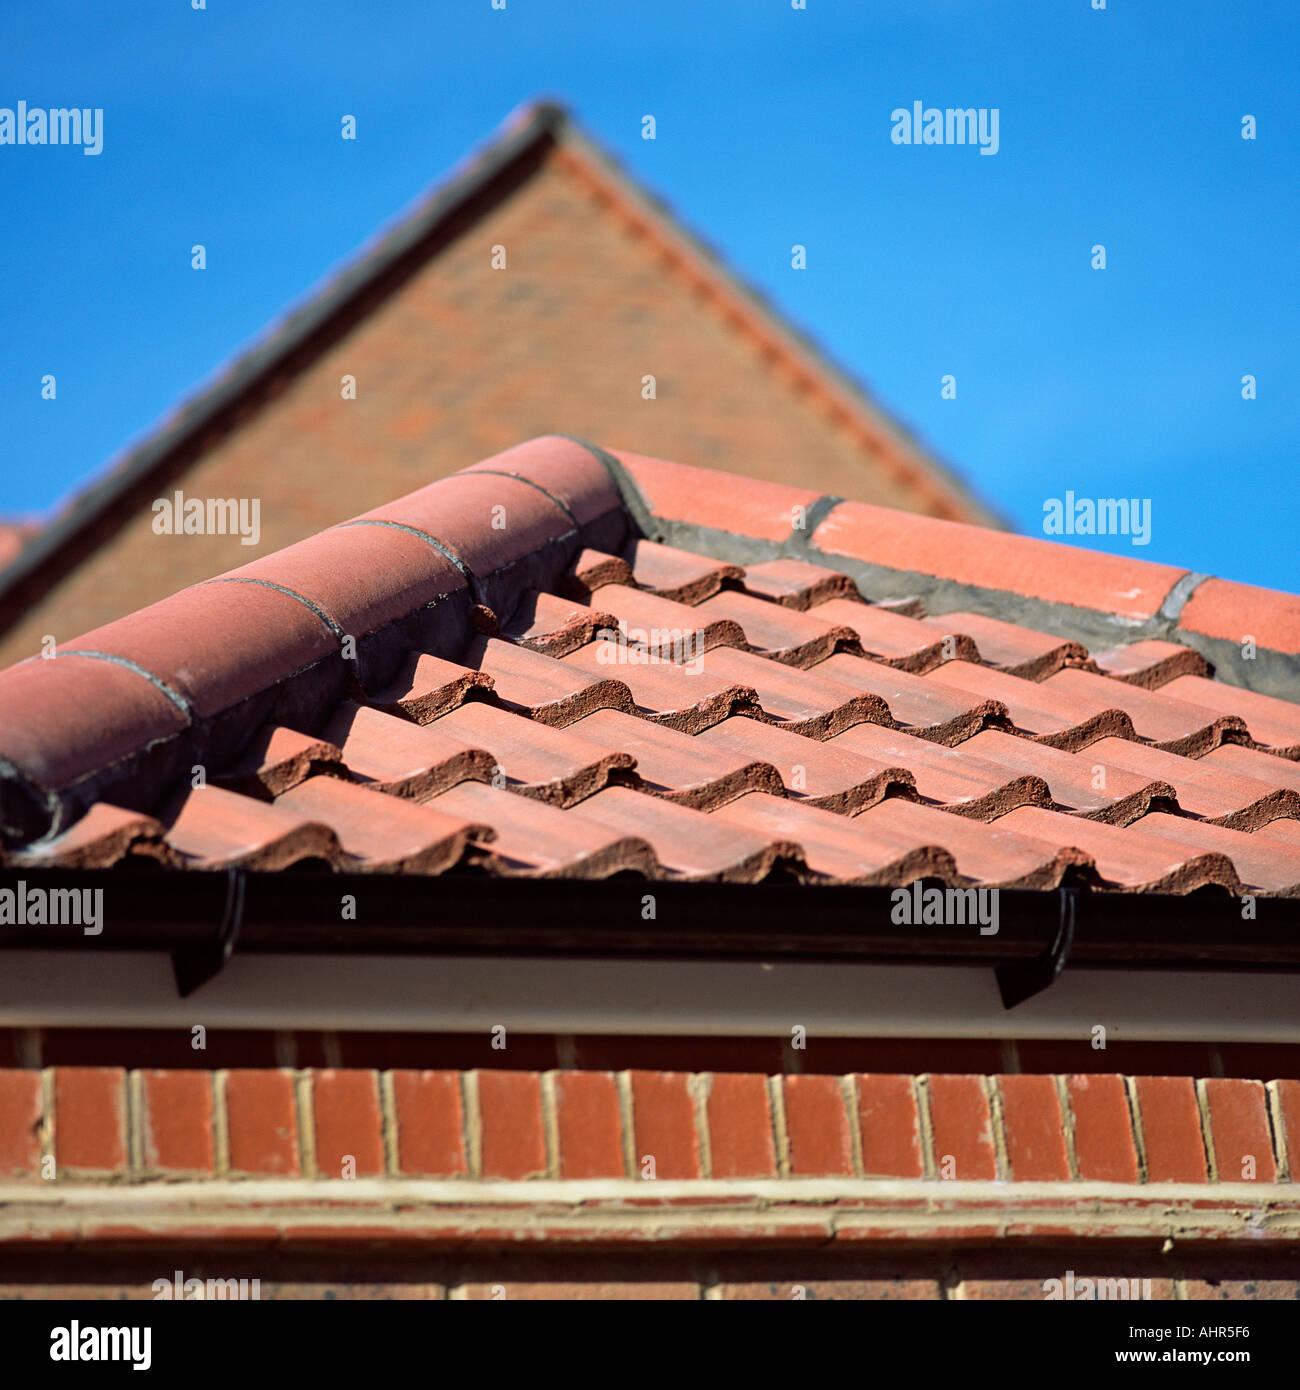 Casa con techo de tejas Foto de stock